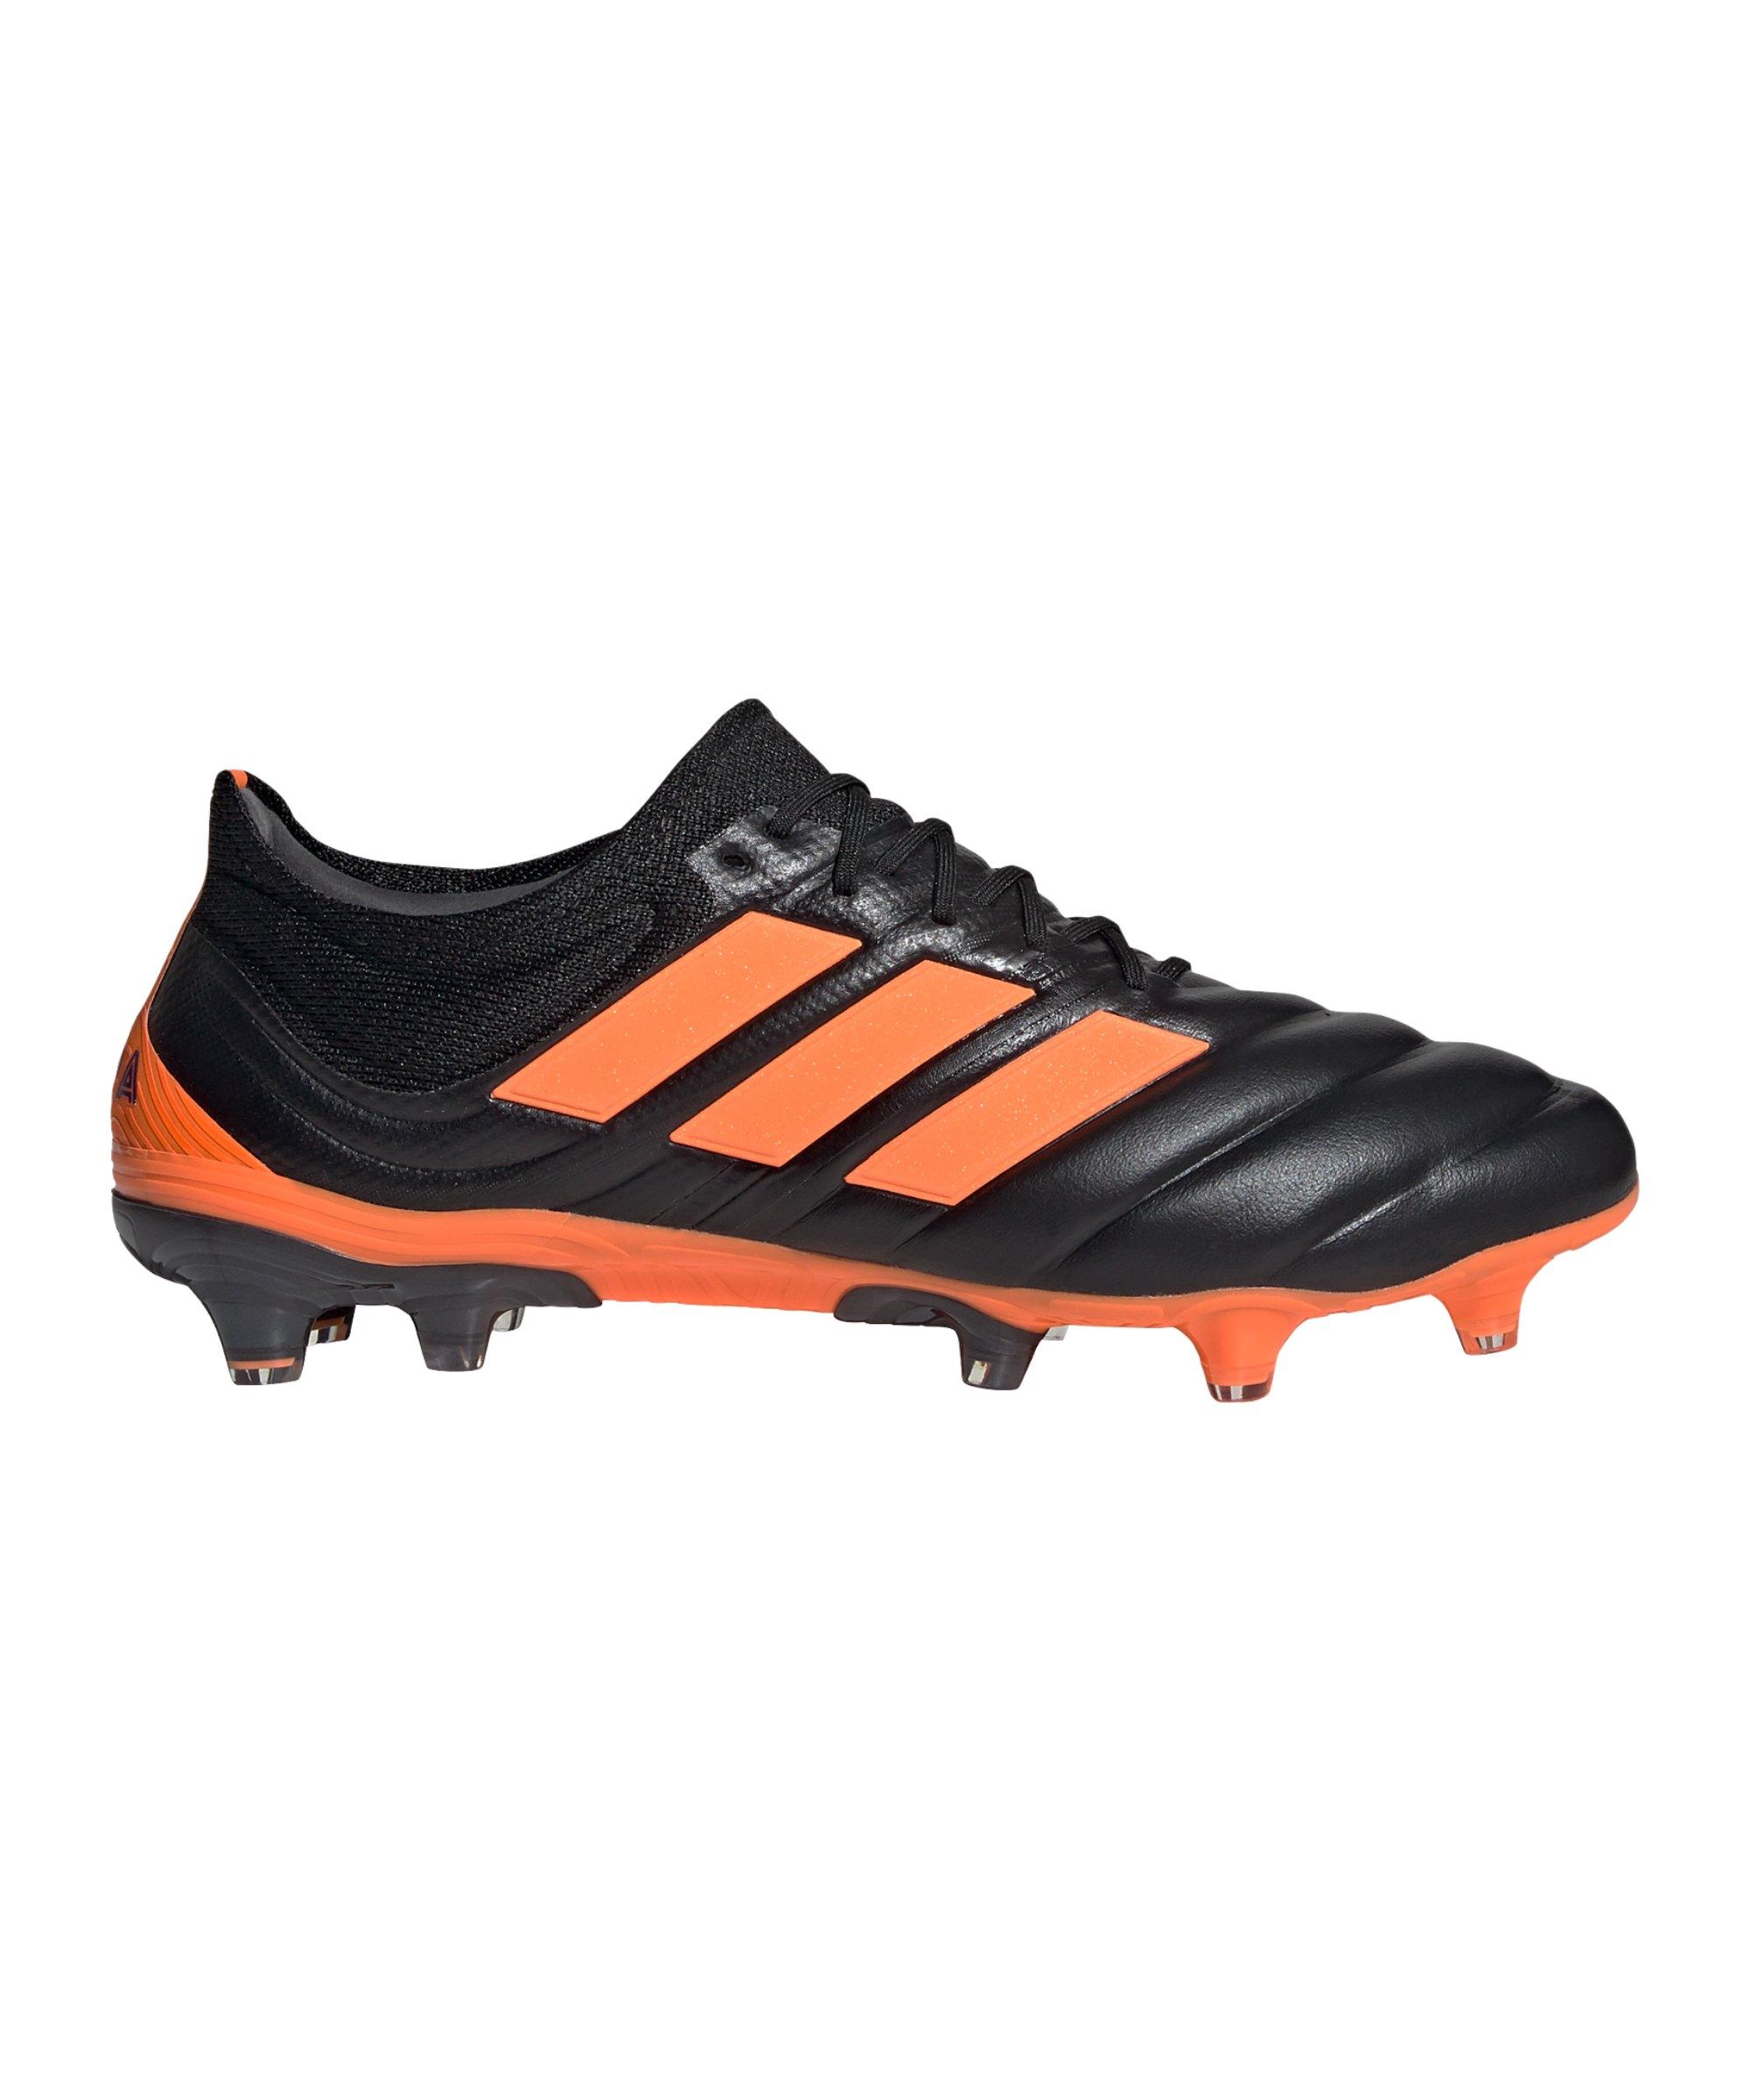 adidas COPA Precision to Blur 20.1 FG Schwarz Orange - schwarz